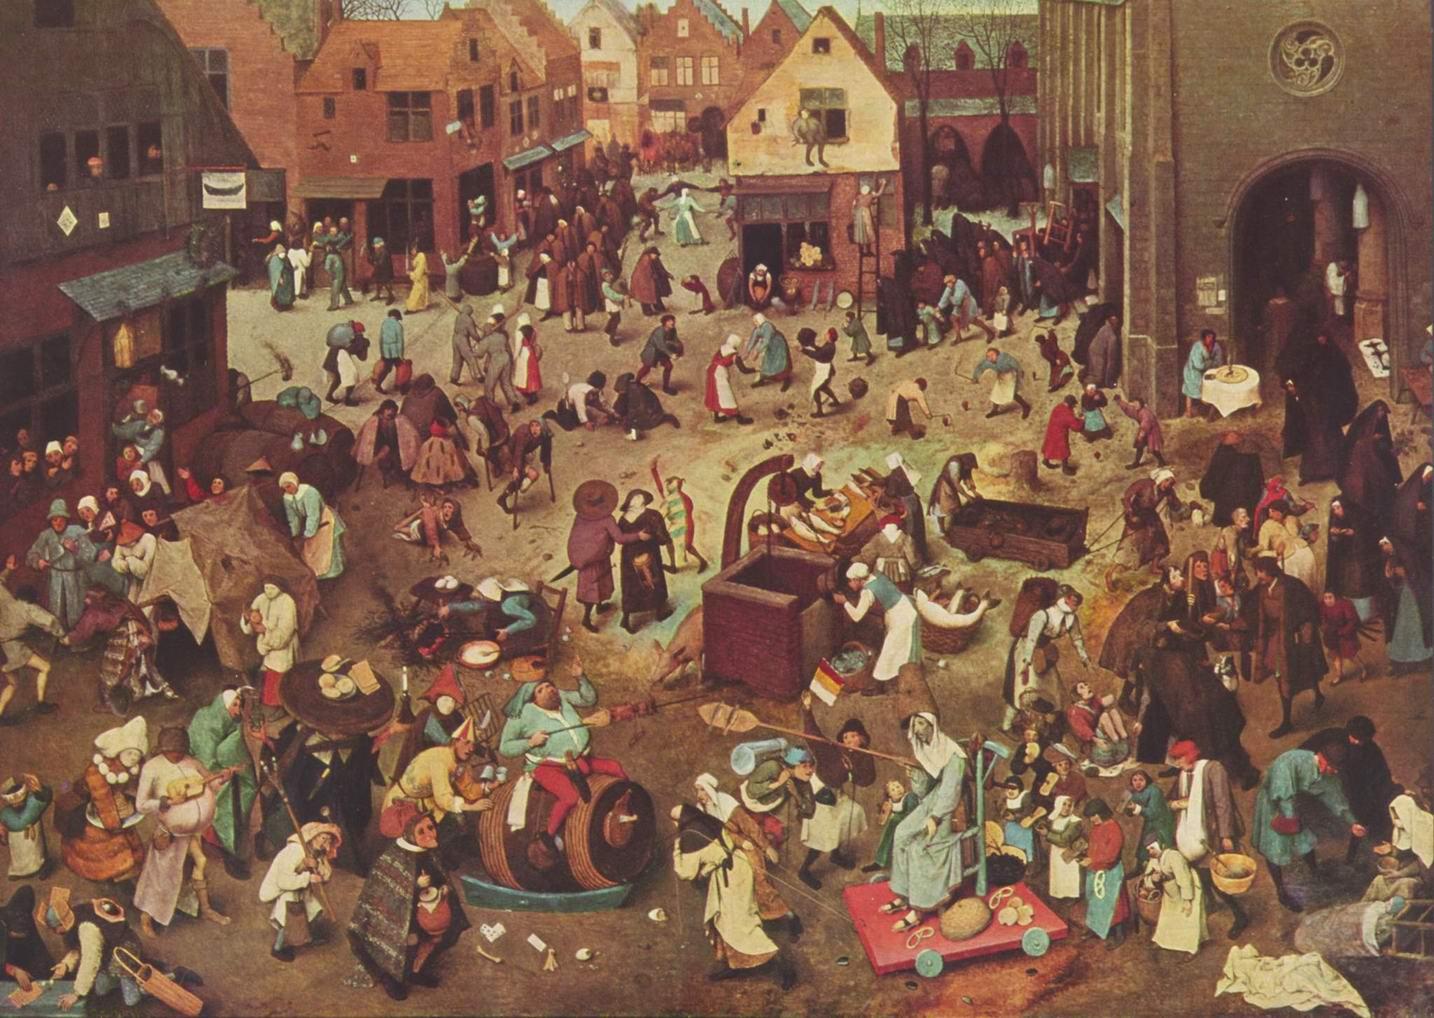 Серия так называемых лубочных картин, битва Великого Поста и Масленицы, Брейгель Питер